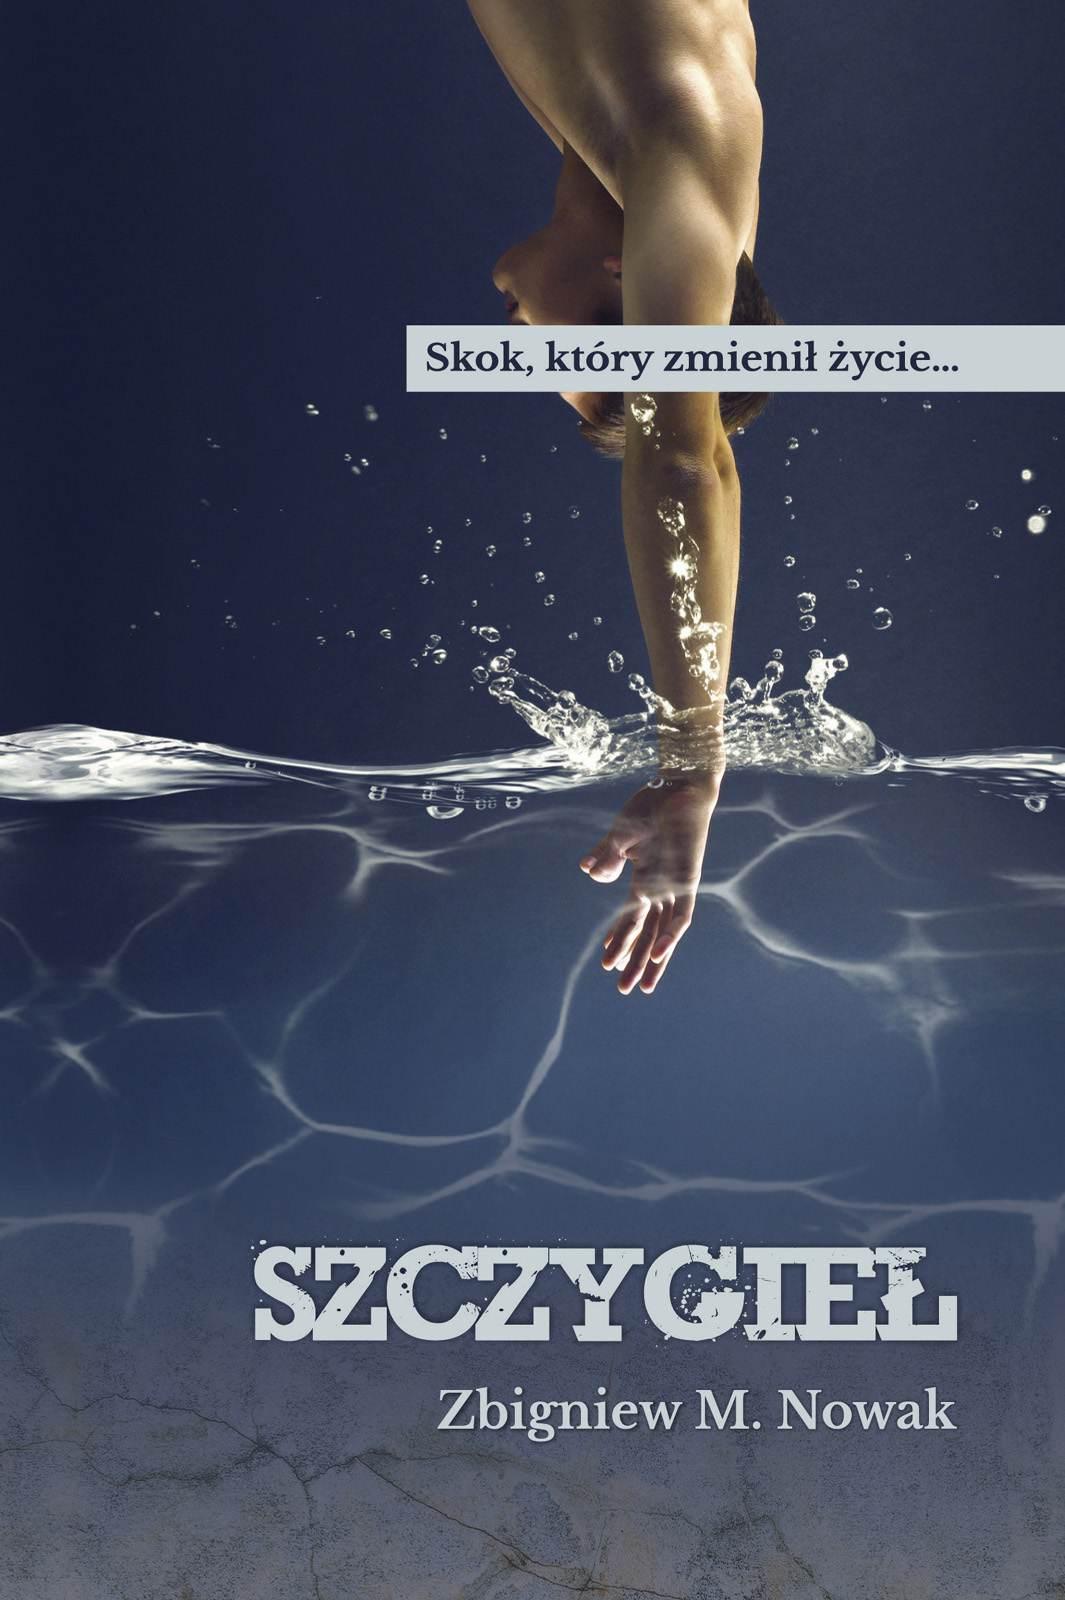 Szczygieł - Ebook (Książka EPUB) do pobrania w formacie EPUB